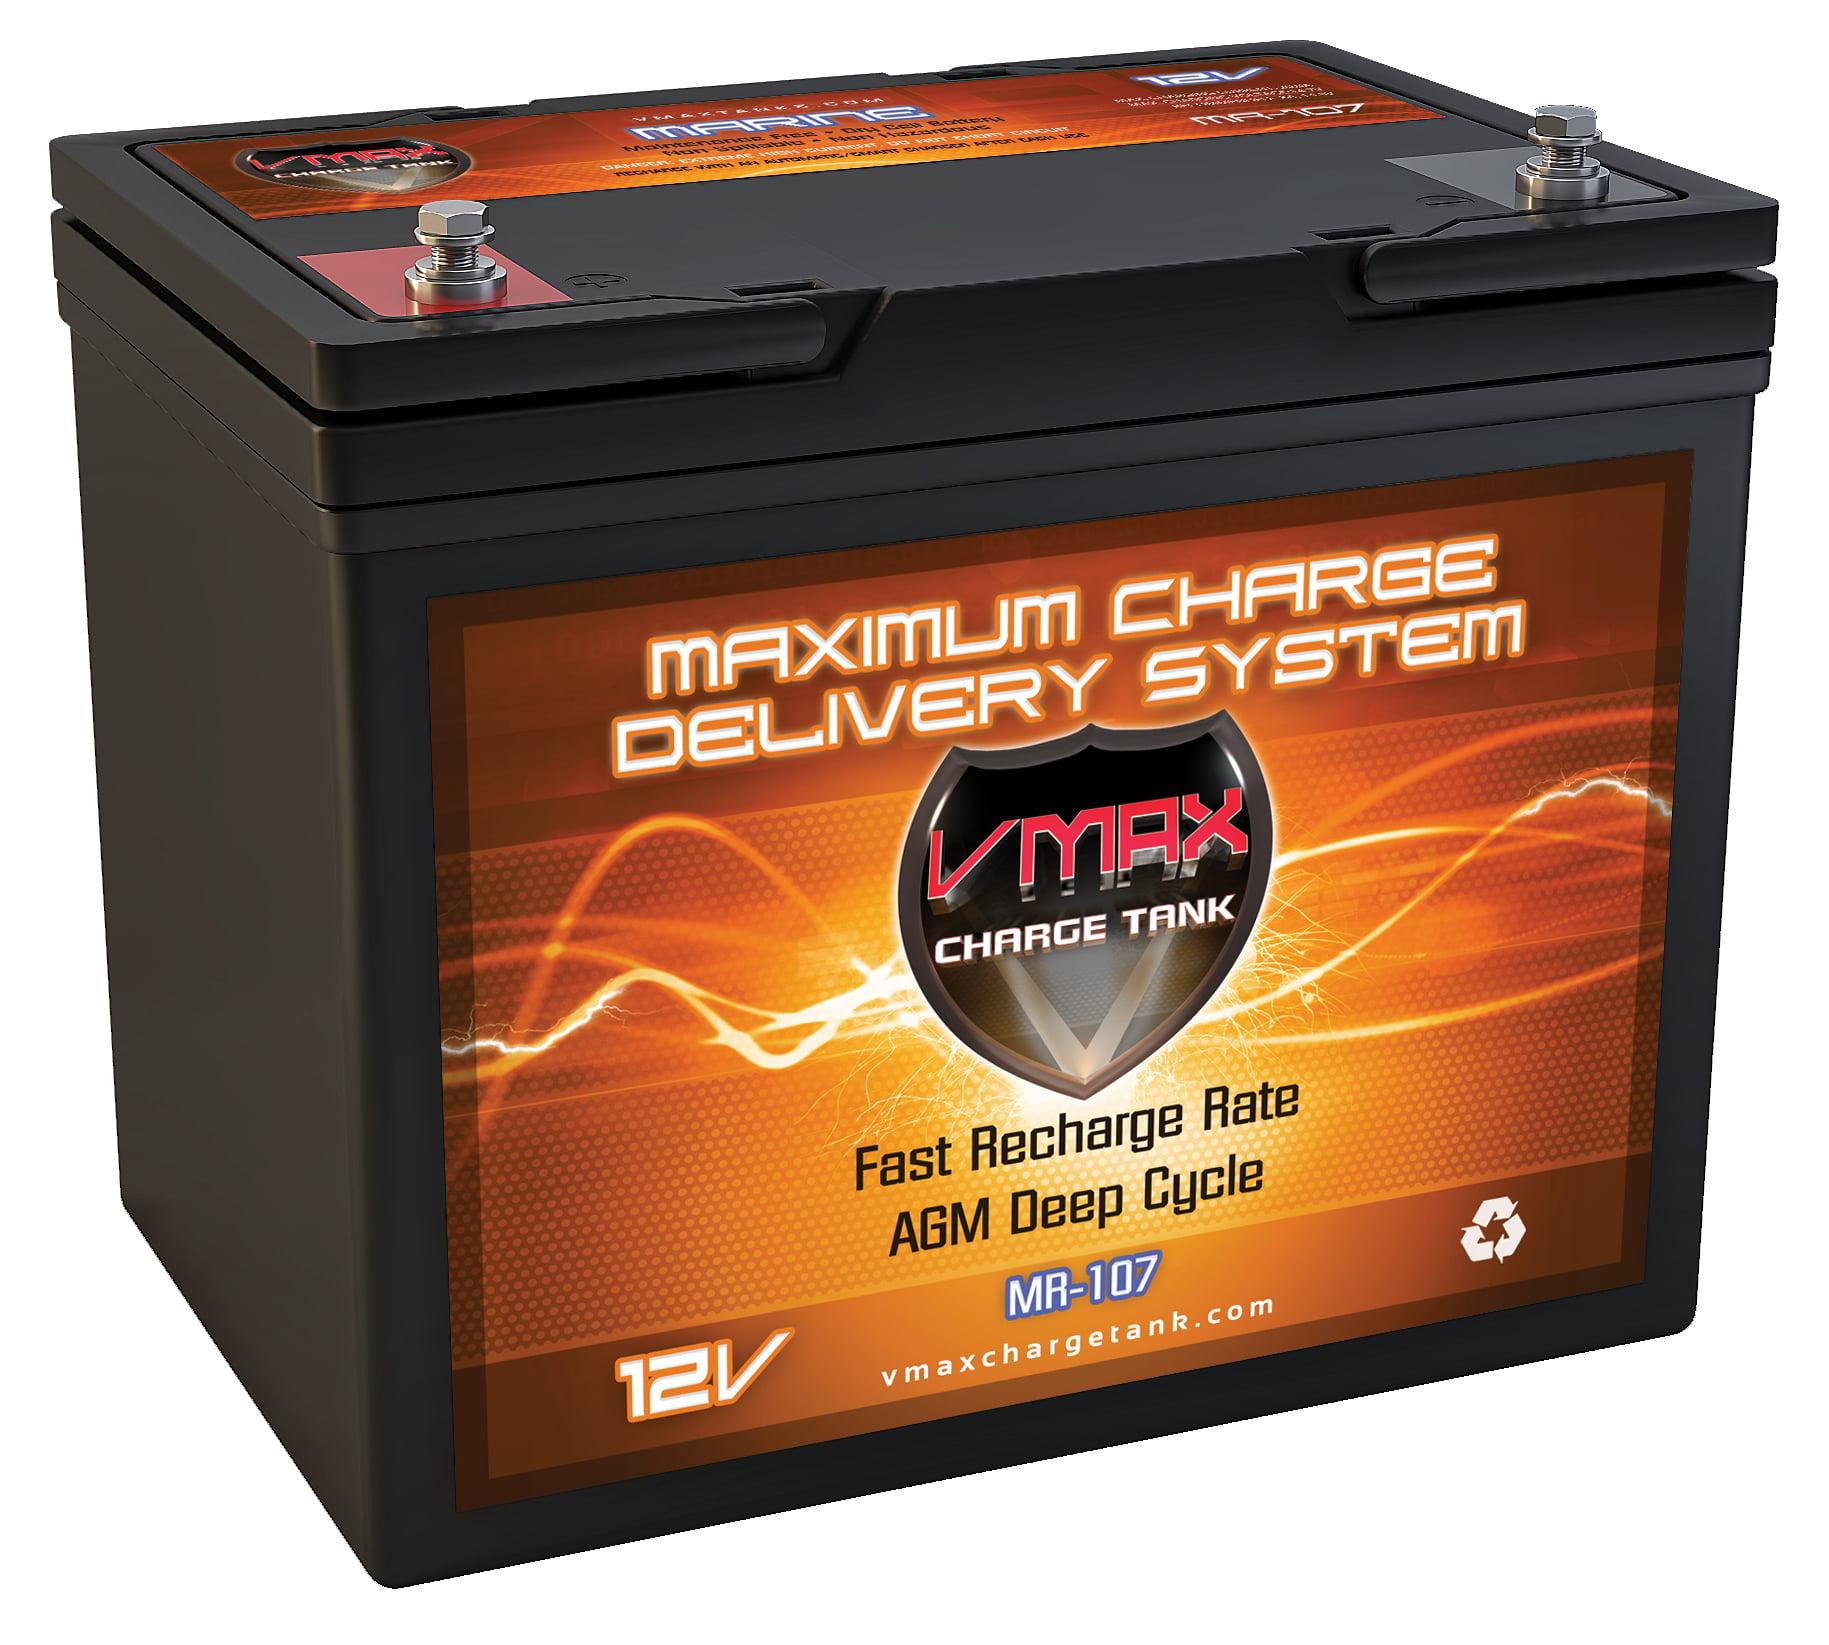 VMAX MR107-85 12V 85AH AGM Deep Cycle Marine Battery for Minn Kota Endura C2 45 12V 45lb Trolling Motor by VMAX USA